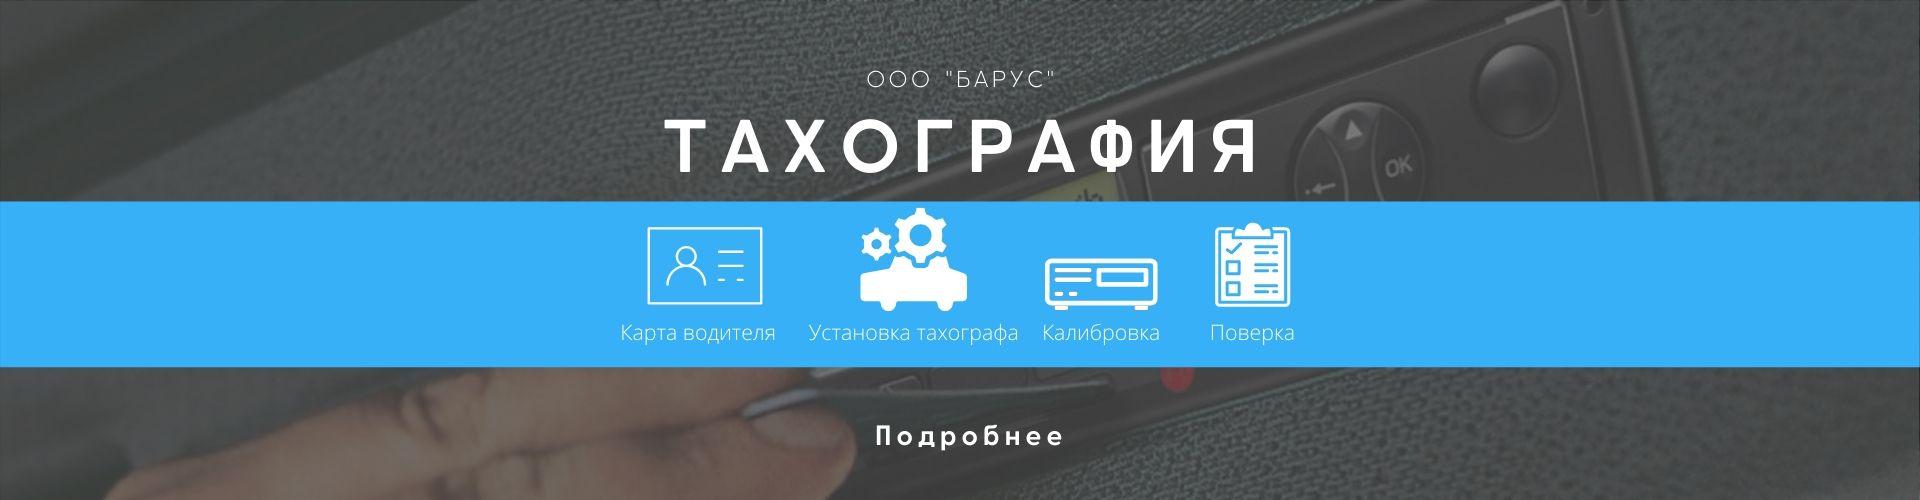 Установка тахографов автотранспорта, карта водителя без и с СКЗИ, калибровка и поверка тахографов